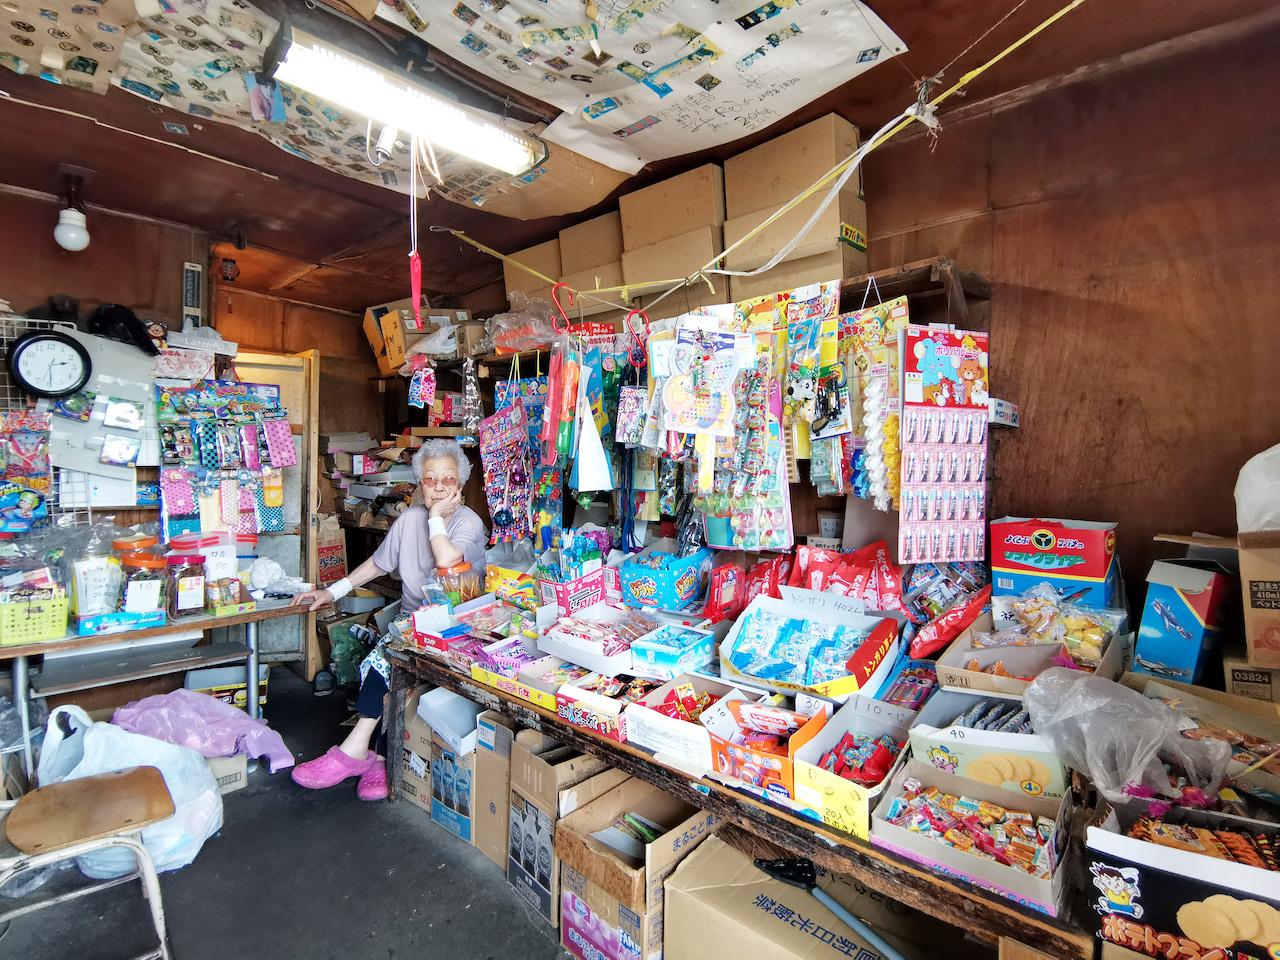 【宮永篤史の駄菓子屋探訪11】北海道函館市「いっせ(いっせん)」閉店をやめて営業を続ける小さな店 画像1